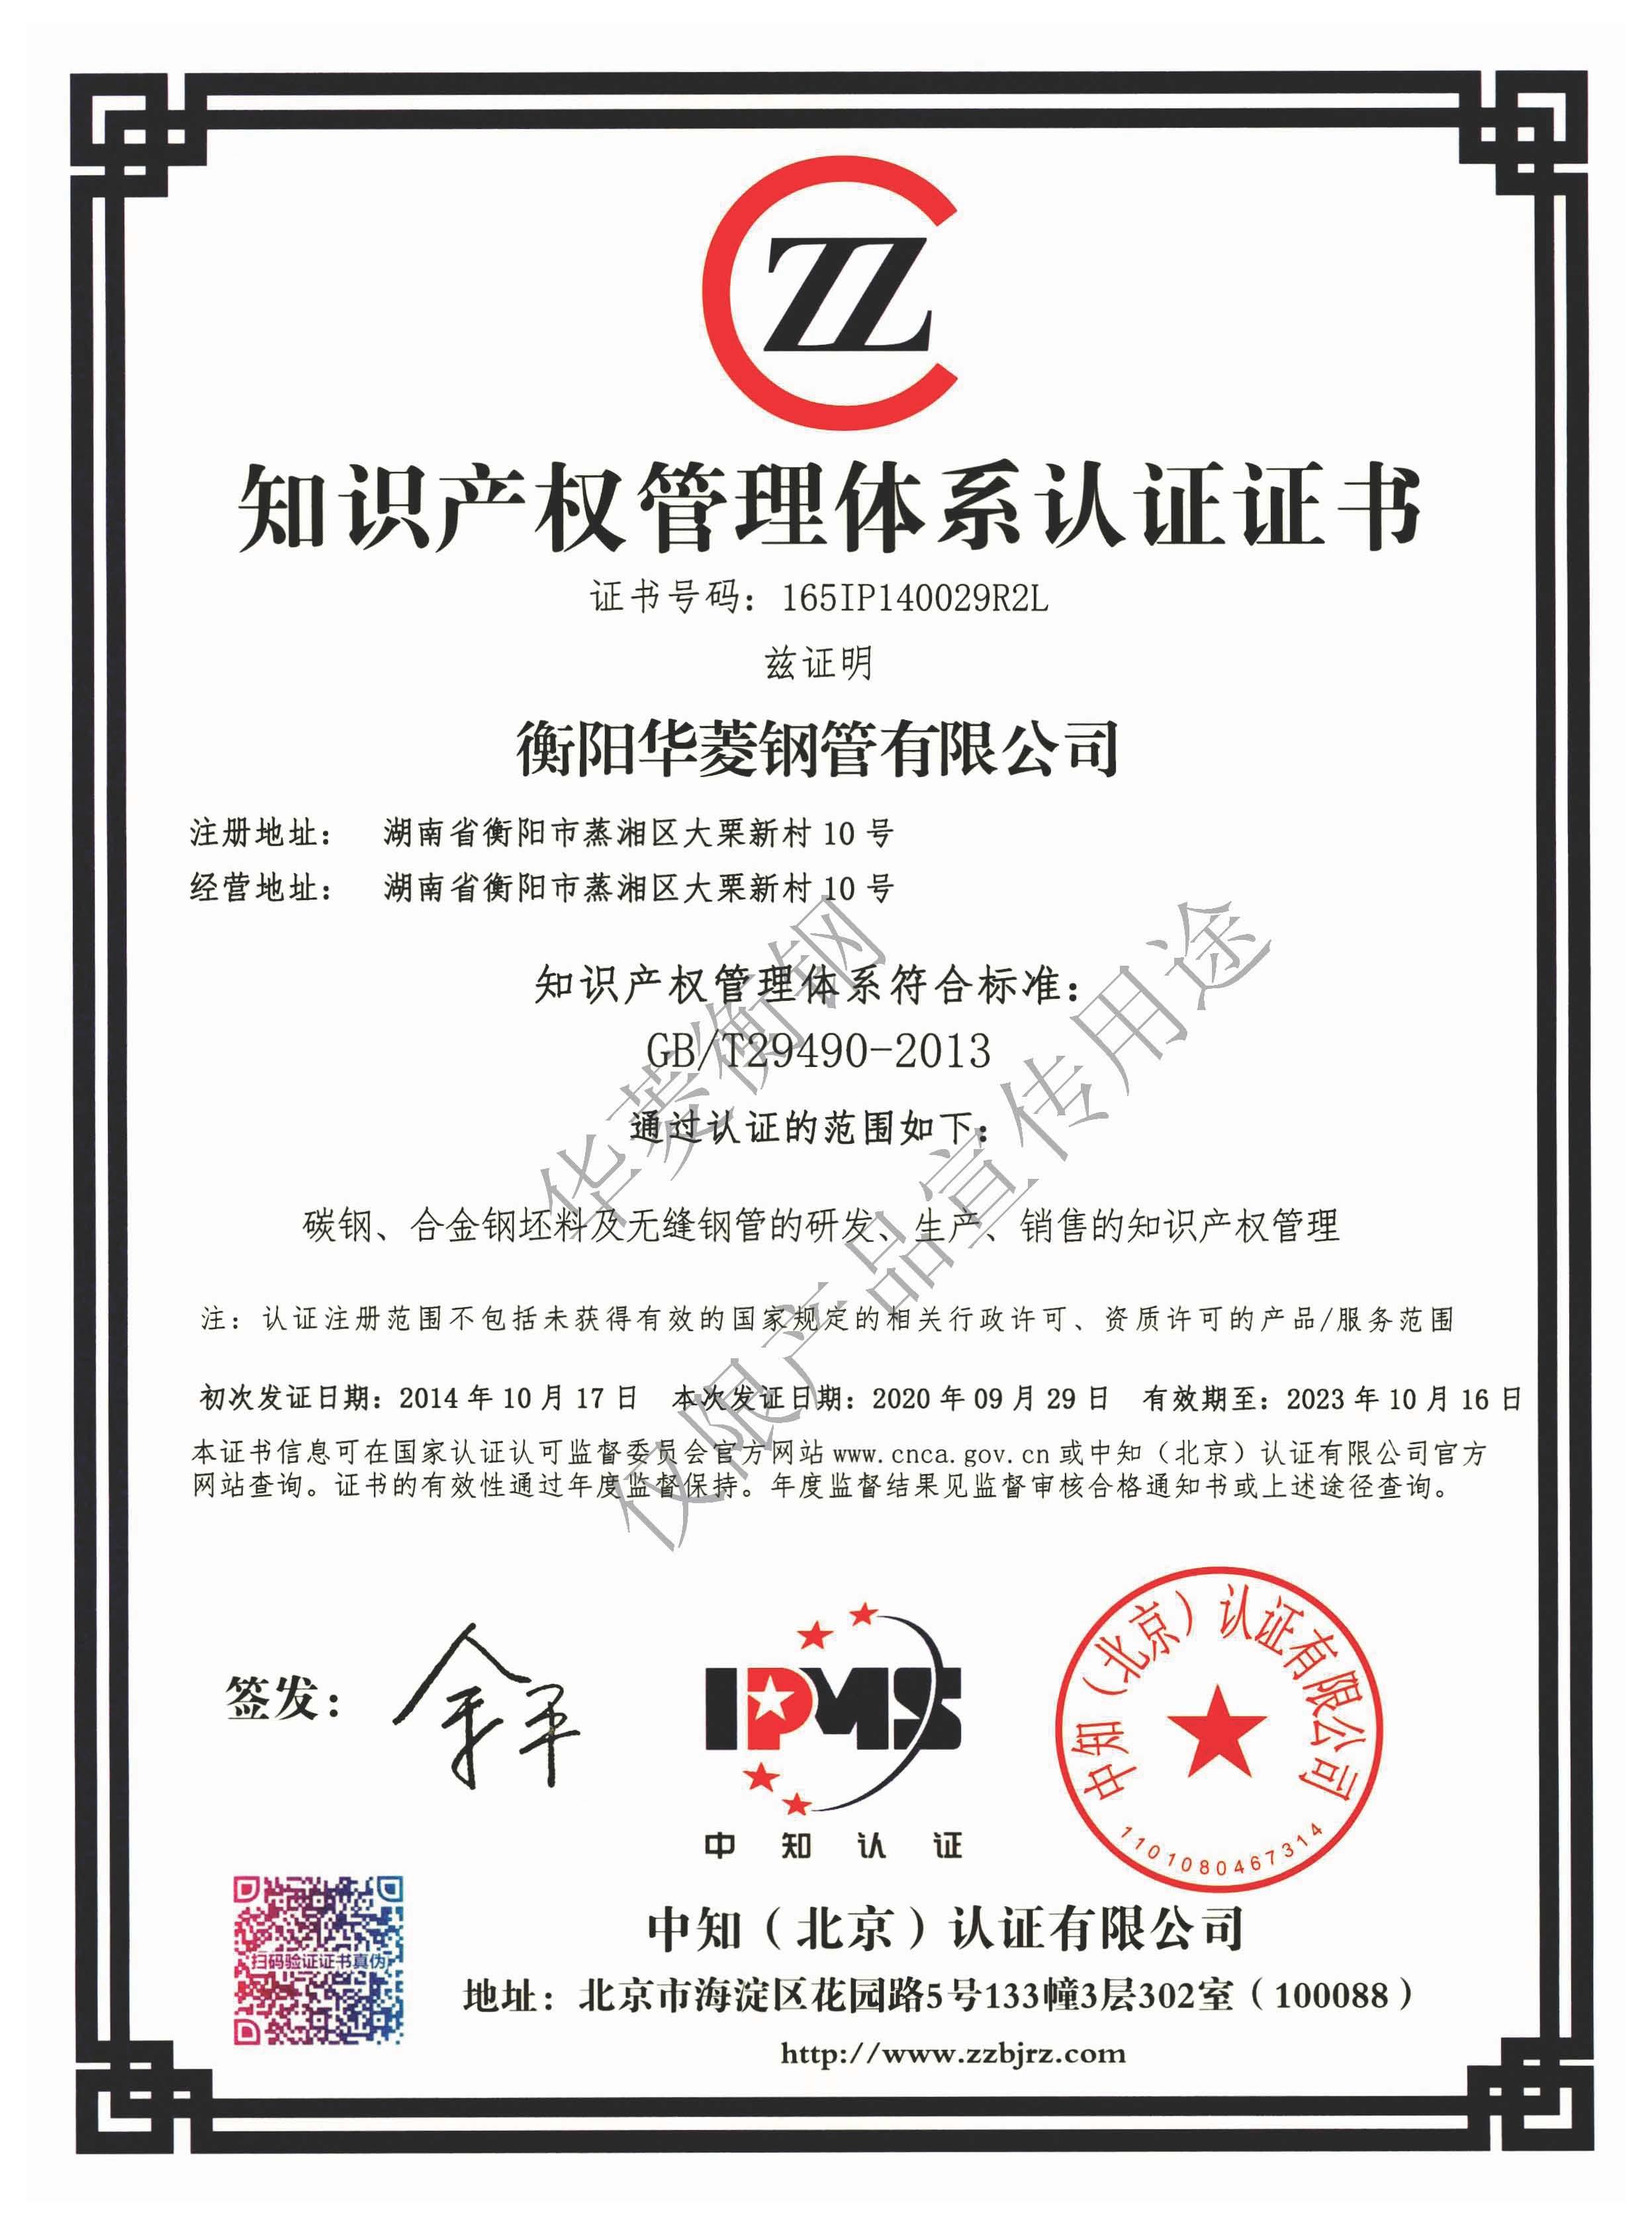 知识产权中文.jpg